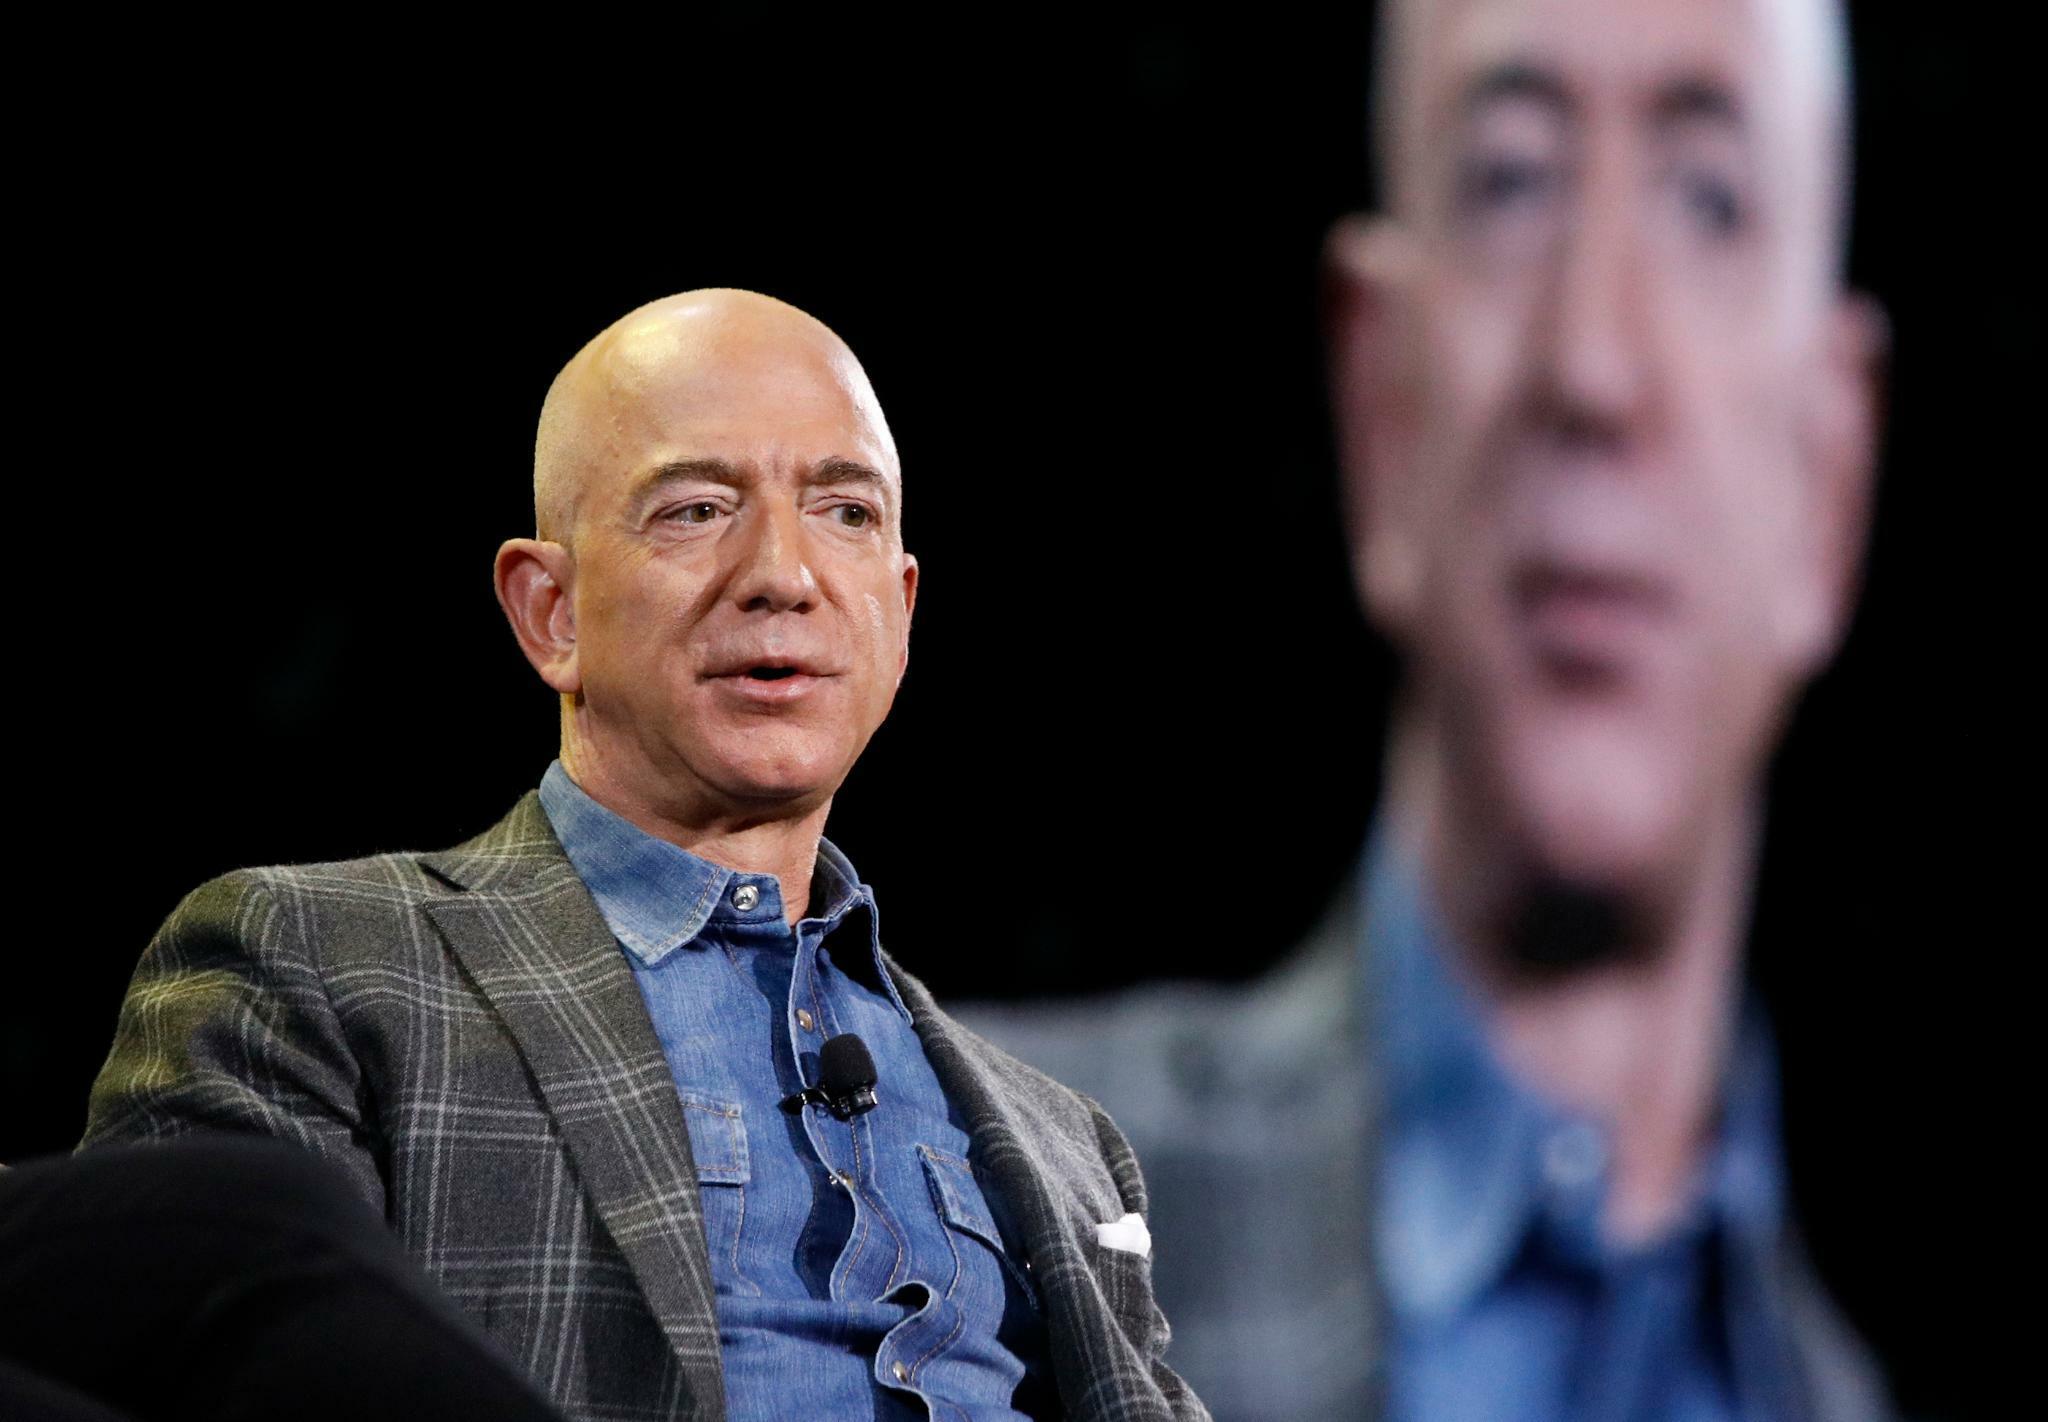 Jeff Bezos verkauft Amazon-Aktien für 1,8 Milliarden Dollar